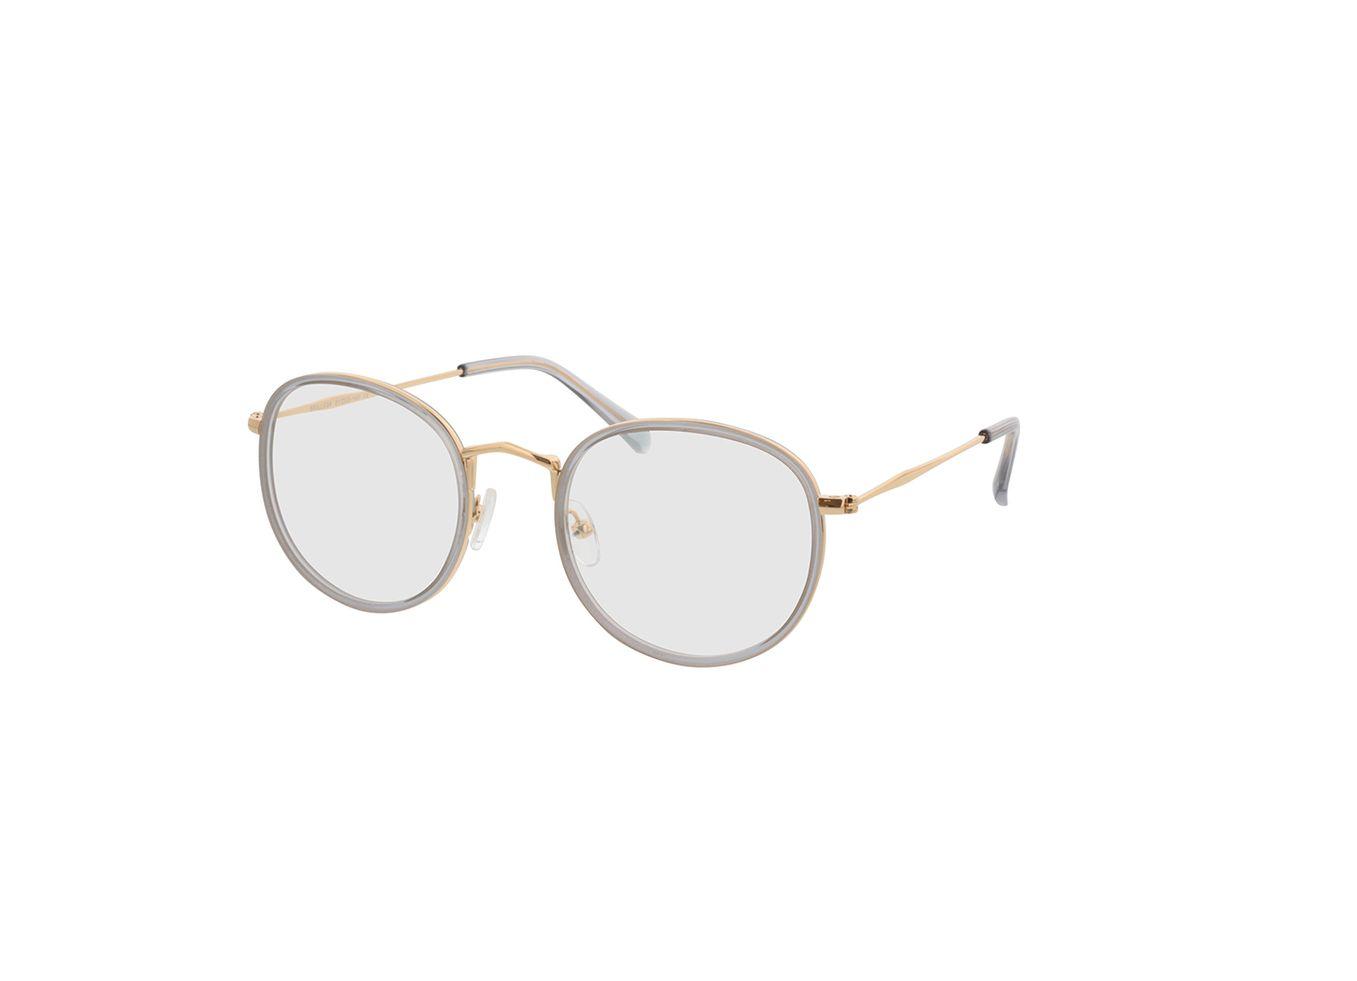 4743-singlevision-0000 Gilbritt-grau/gold Gleitsichtbrille, Vollrand, Rund Brille24 Collection